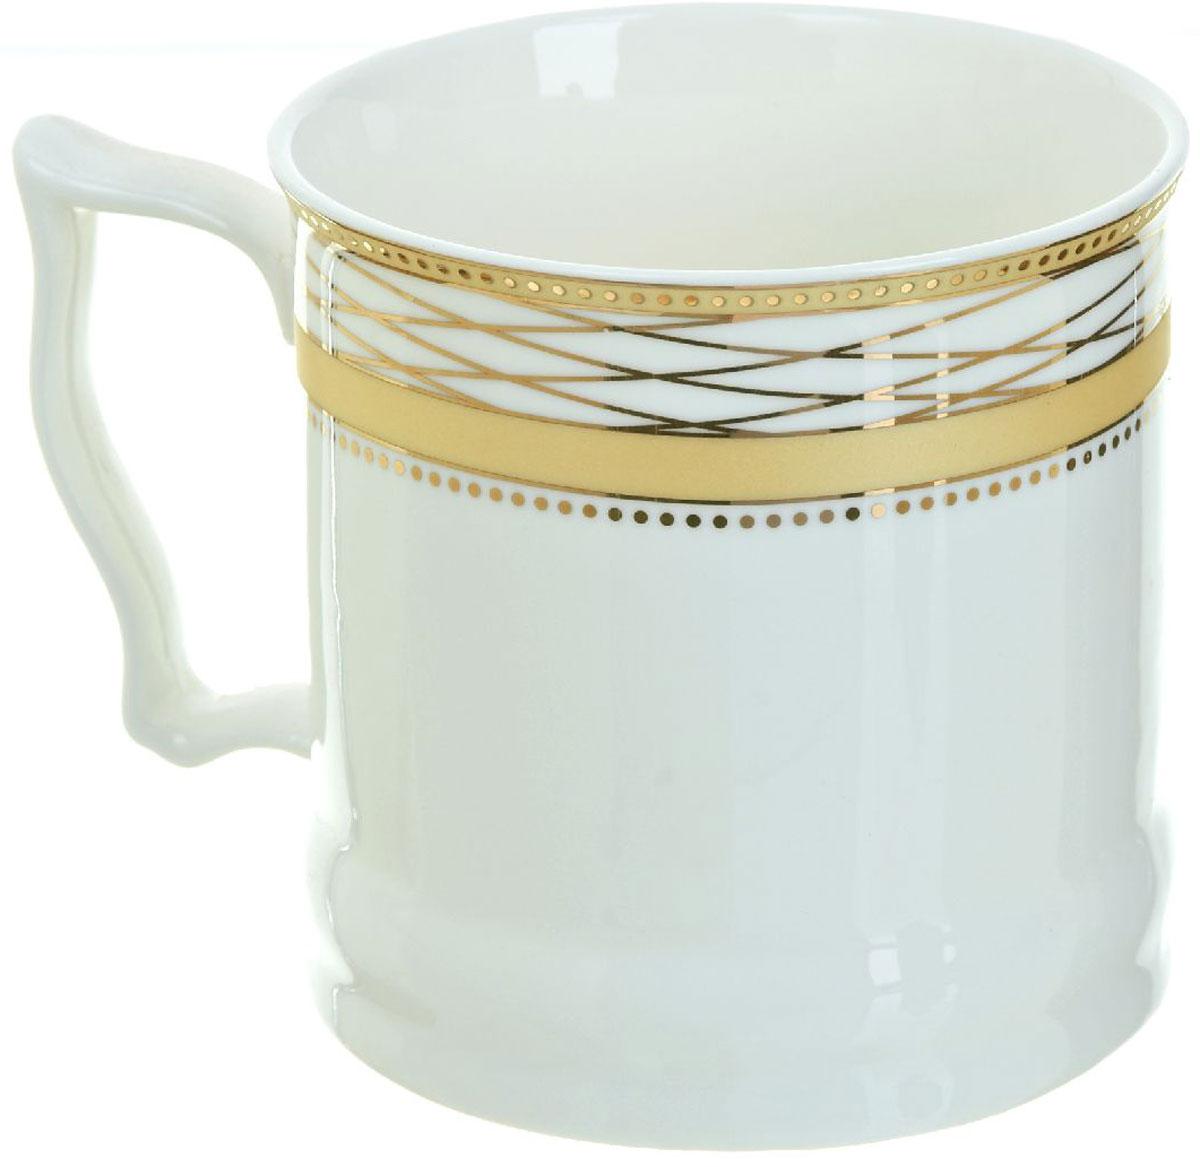 Кружка BHP Королевская кружка, 500 мл. 18700081870008Оригинальная кружка Best Home Porcelain, выполненная из высококачественного фарфора, сочетает в себе простой, утонченный дизайн с максимальной функциональностью. Оригинальность оформления придутся по вкусу тем, кто ценит индивидуальность. В комплект входит кружка. Можно использовать в ПММ.